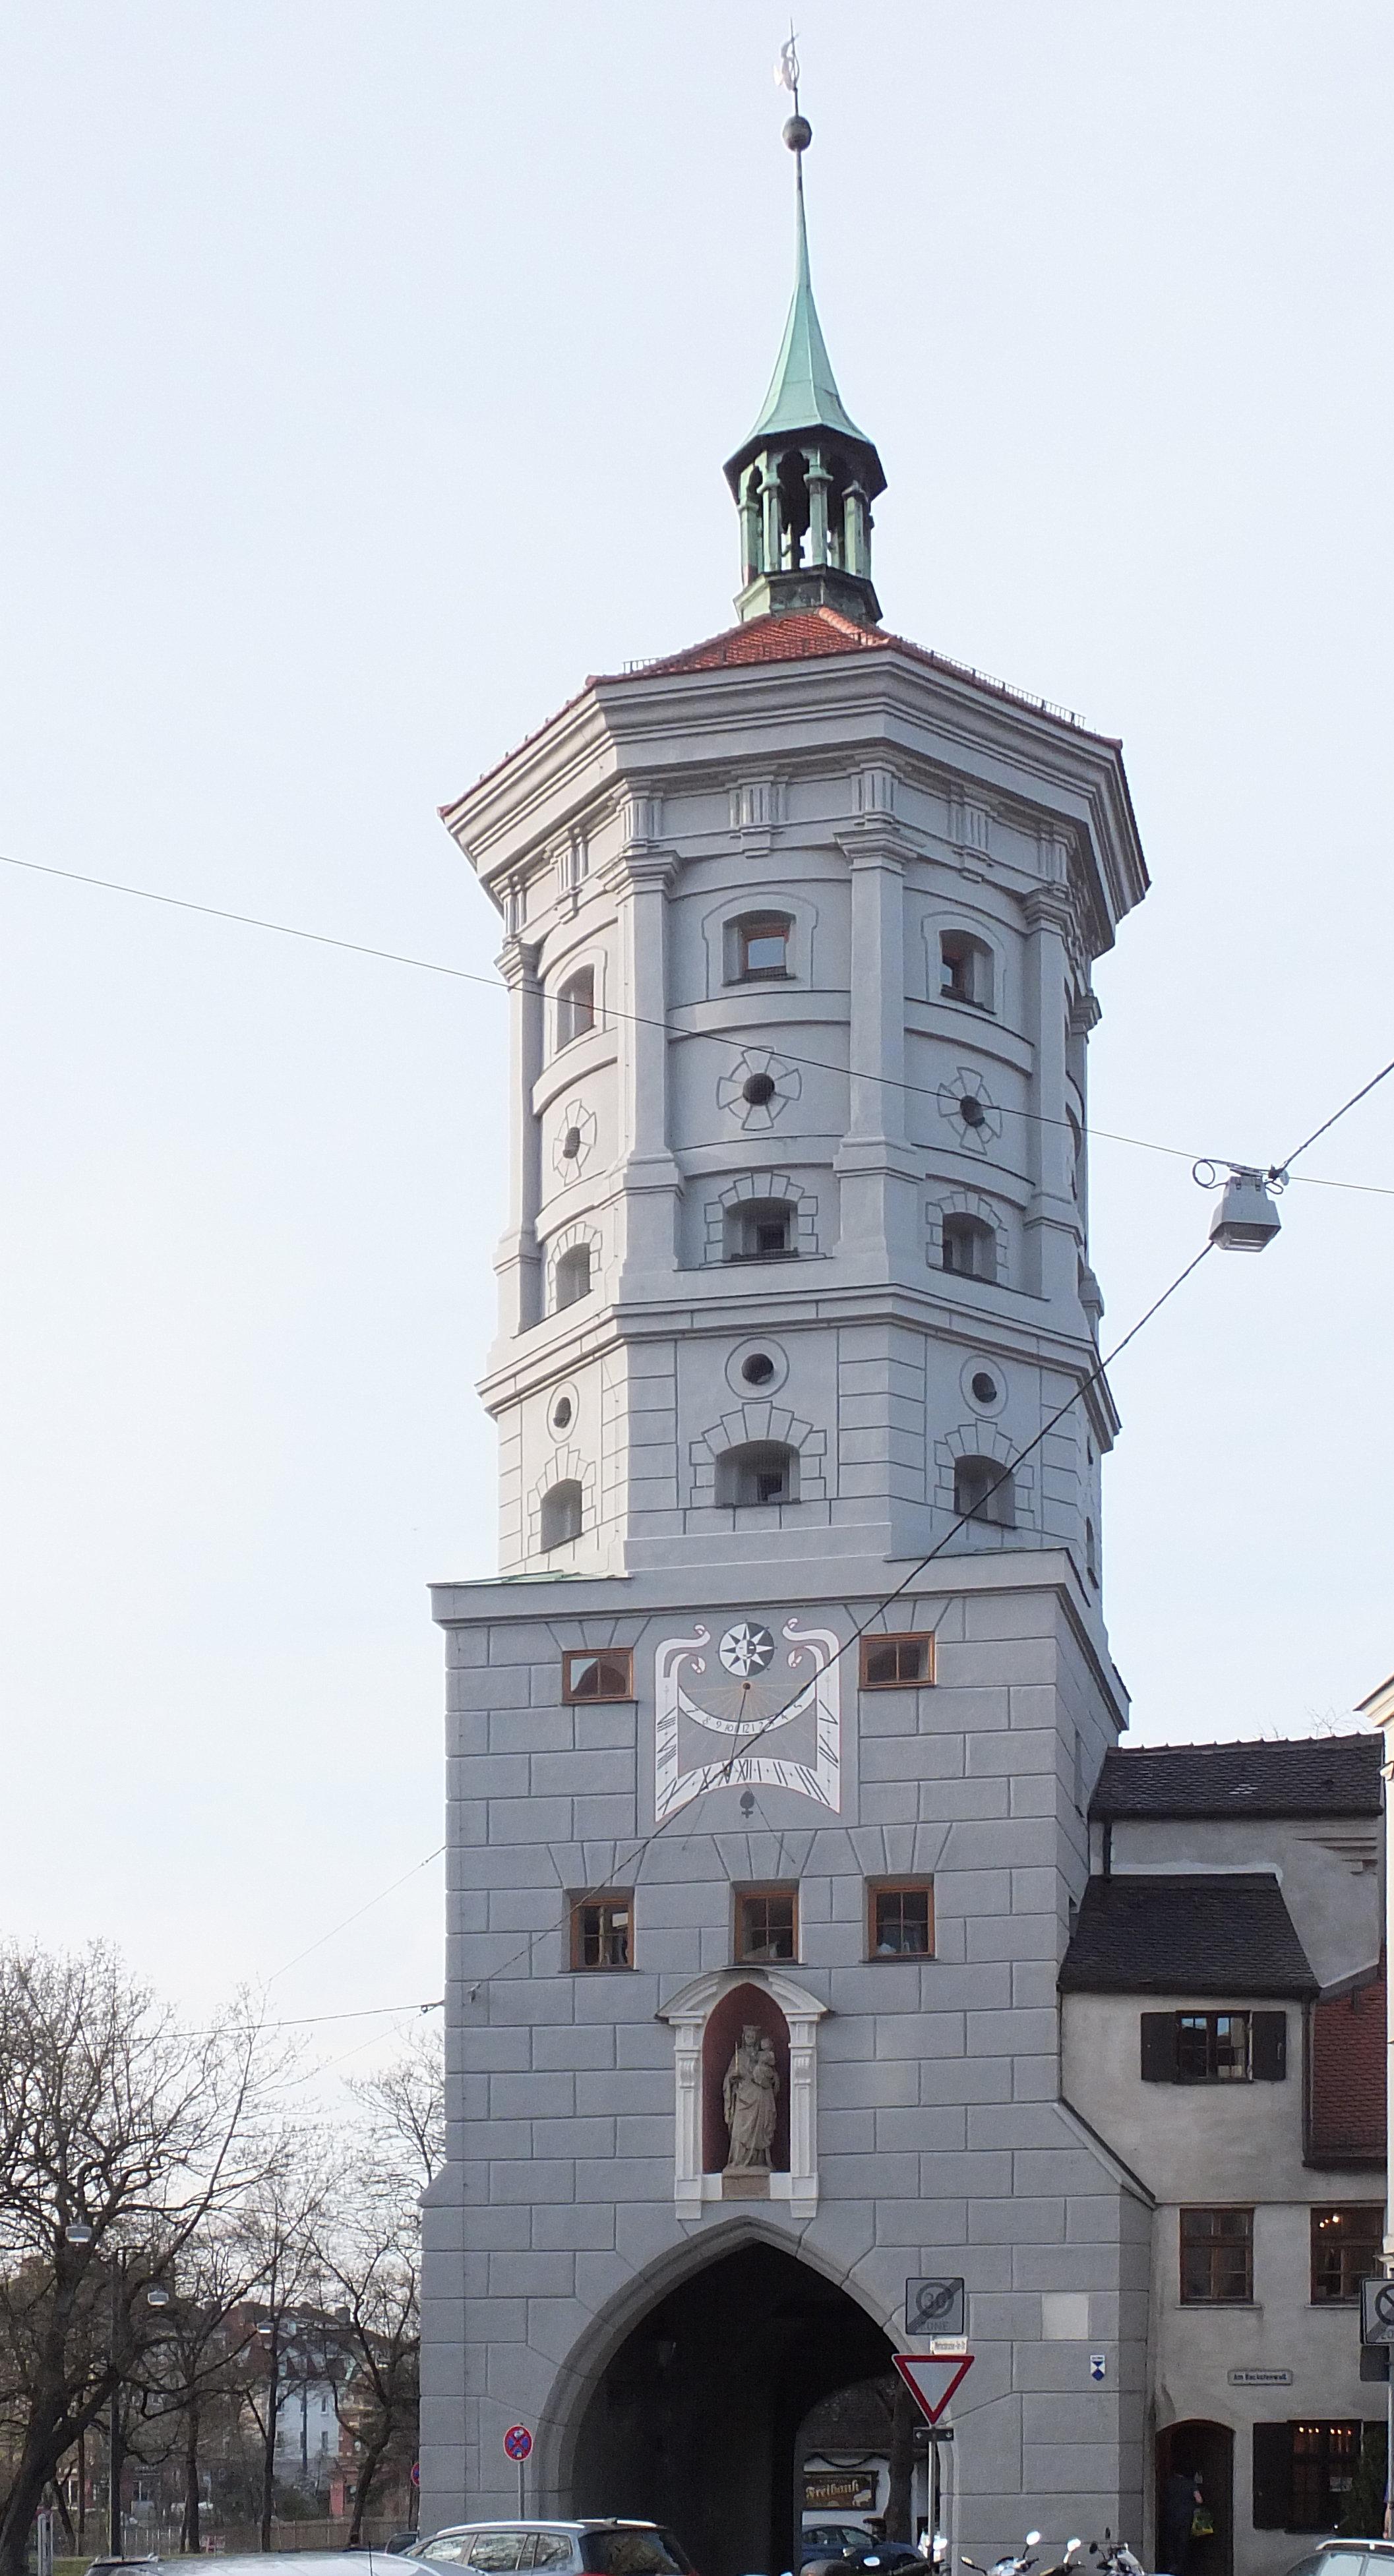 Schreiner Augsburg wertachbrucker tor der schreinerturm schreiner innung augsburg